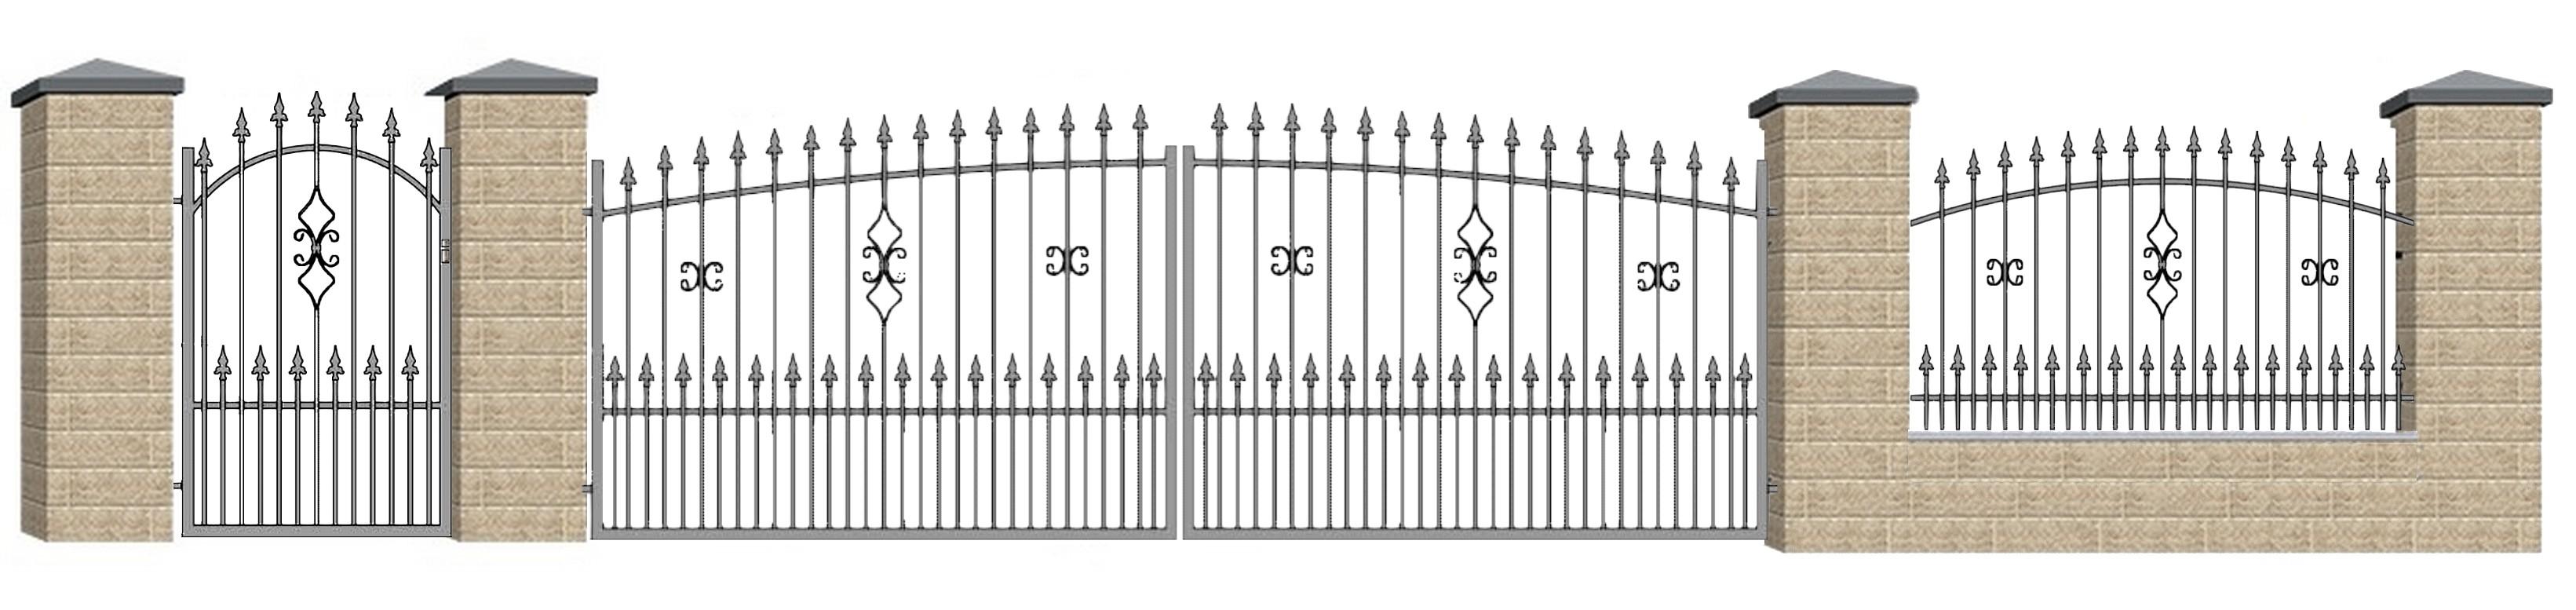 Kovácsoltvas kapu, kerítés ár, forgalmazás Bács-Kiskun megye,Kecskemét